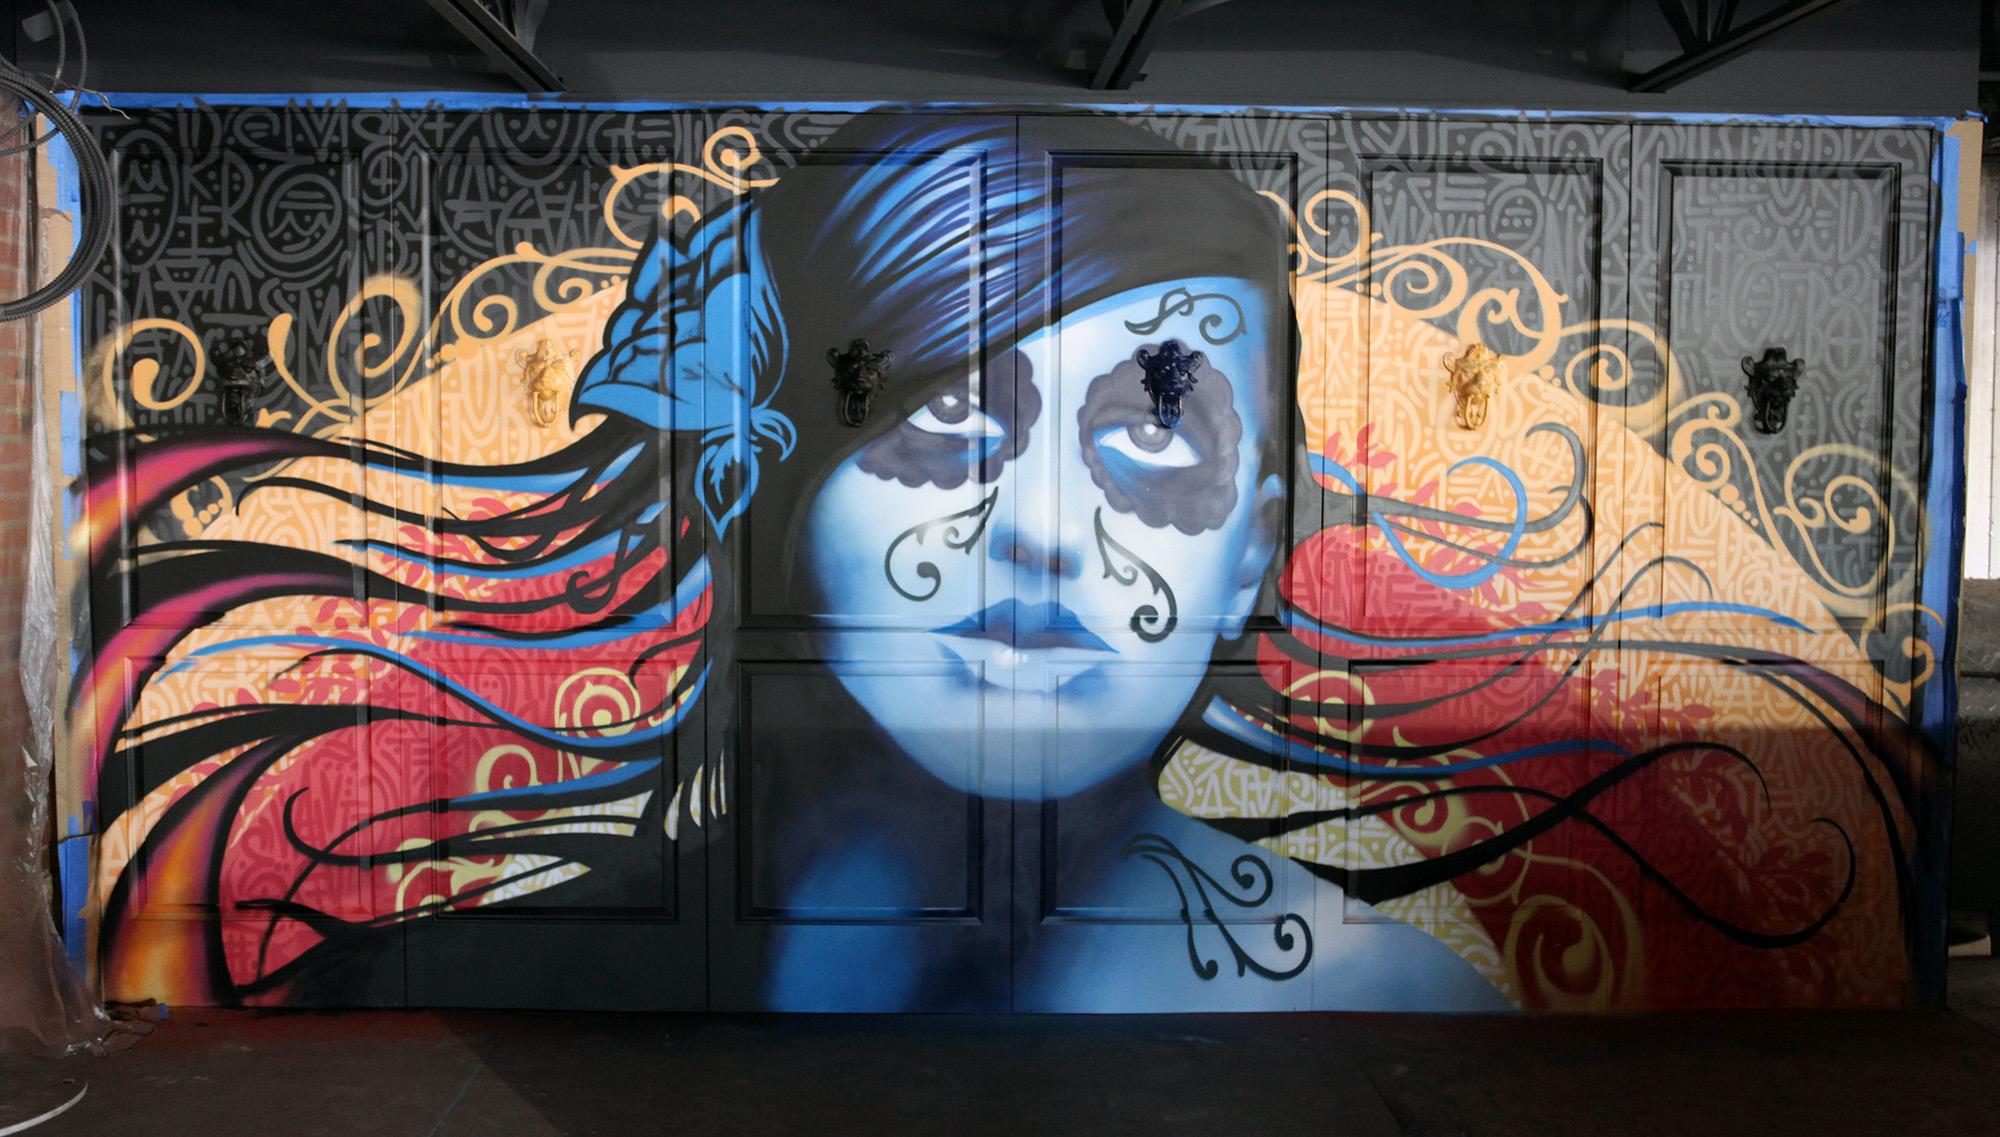 Graffiti artist for hire blog graffiti usa part 2 for Mural restaurant